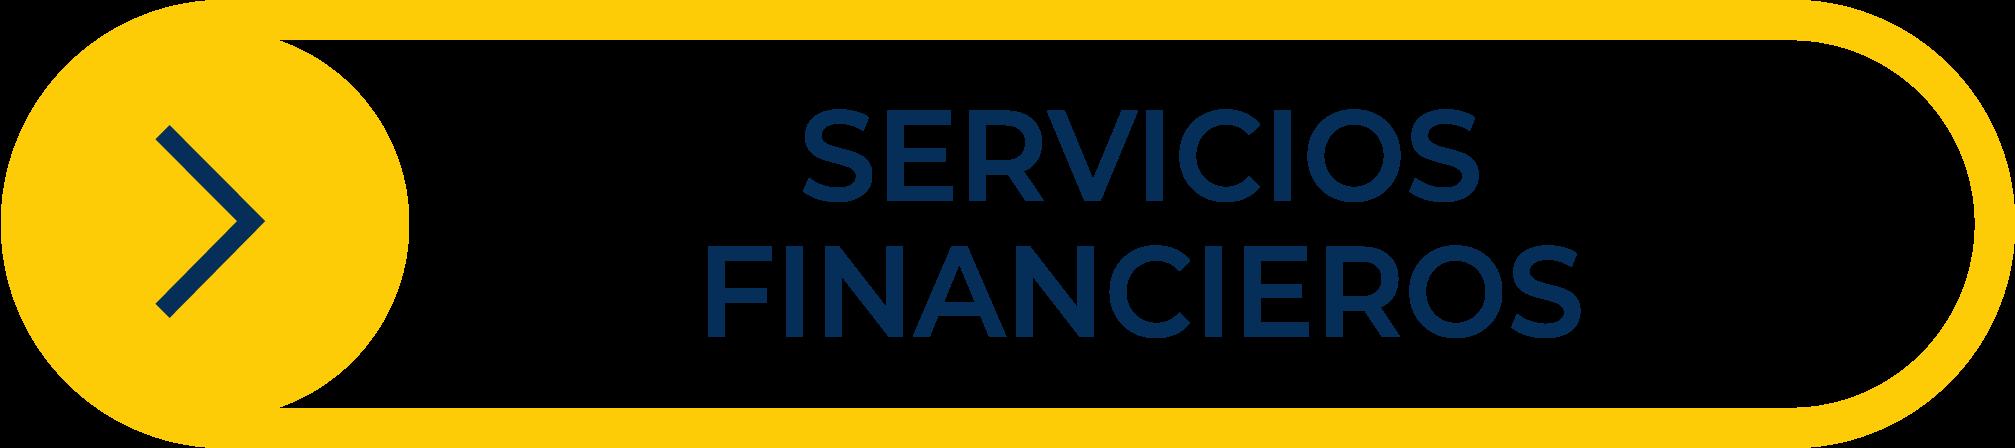 Botón de la sección servicios financieros